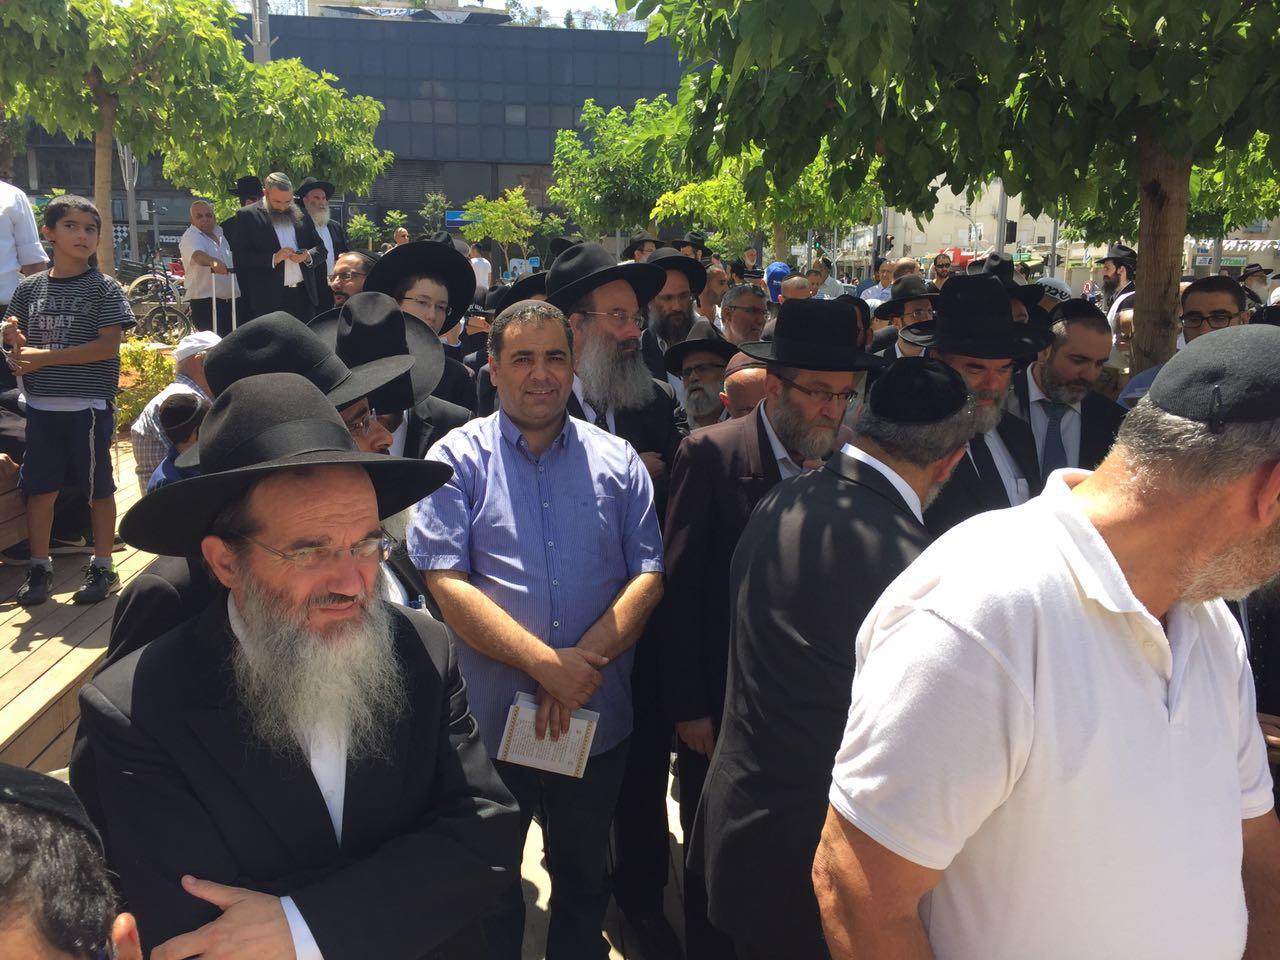 הרצליה: אחדות בהפגנה למען השבת • צפו